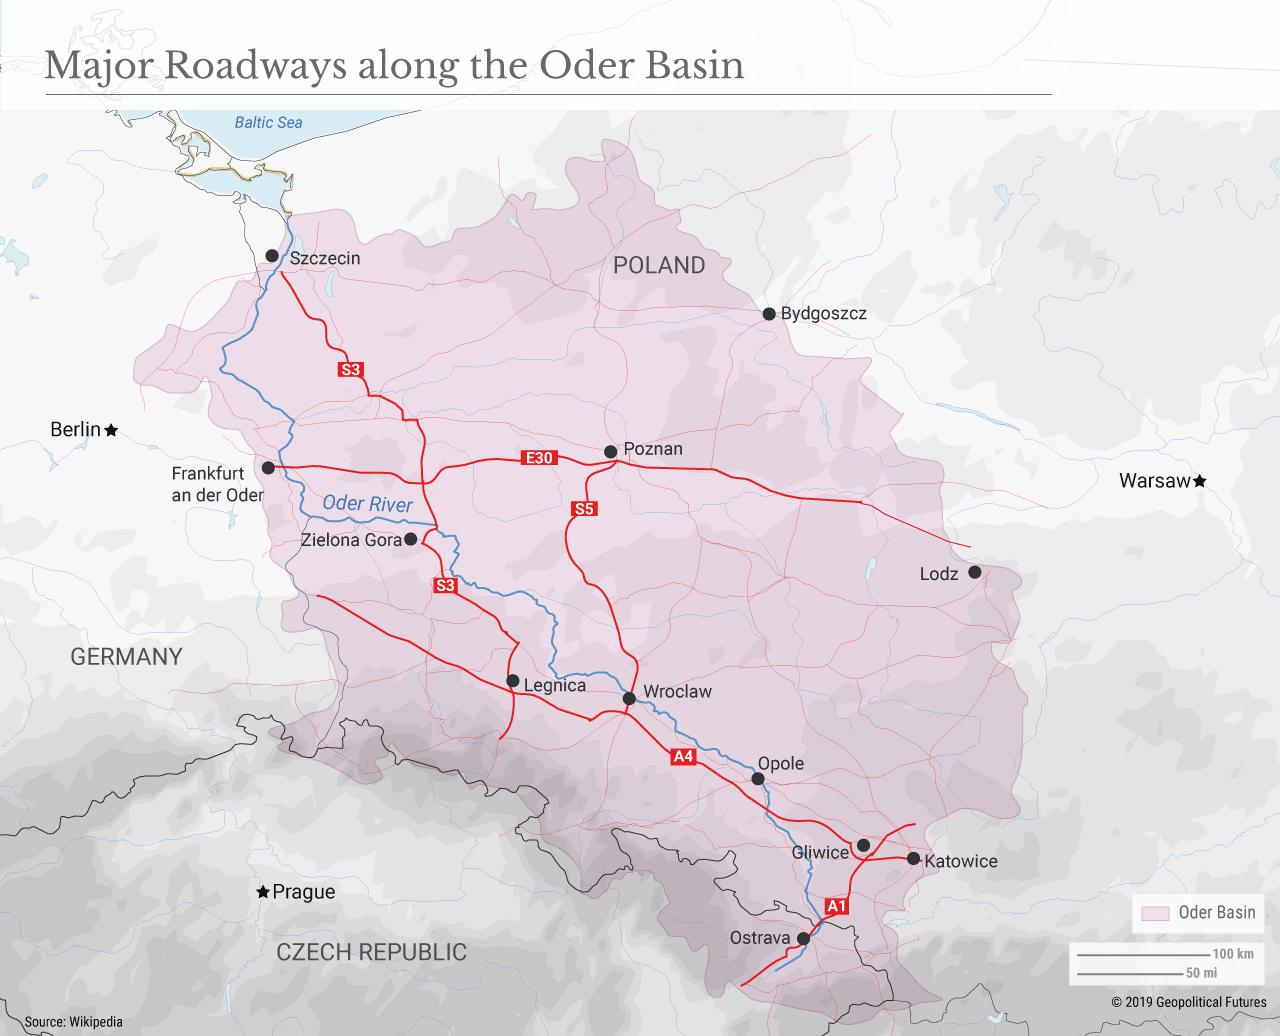 Major Roadways along the Oder Basin